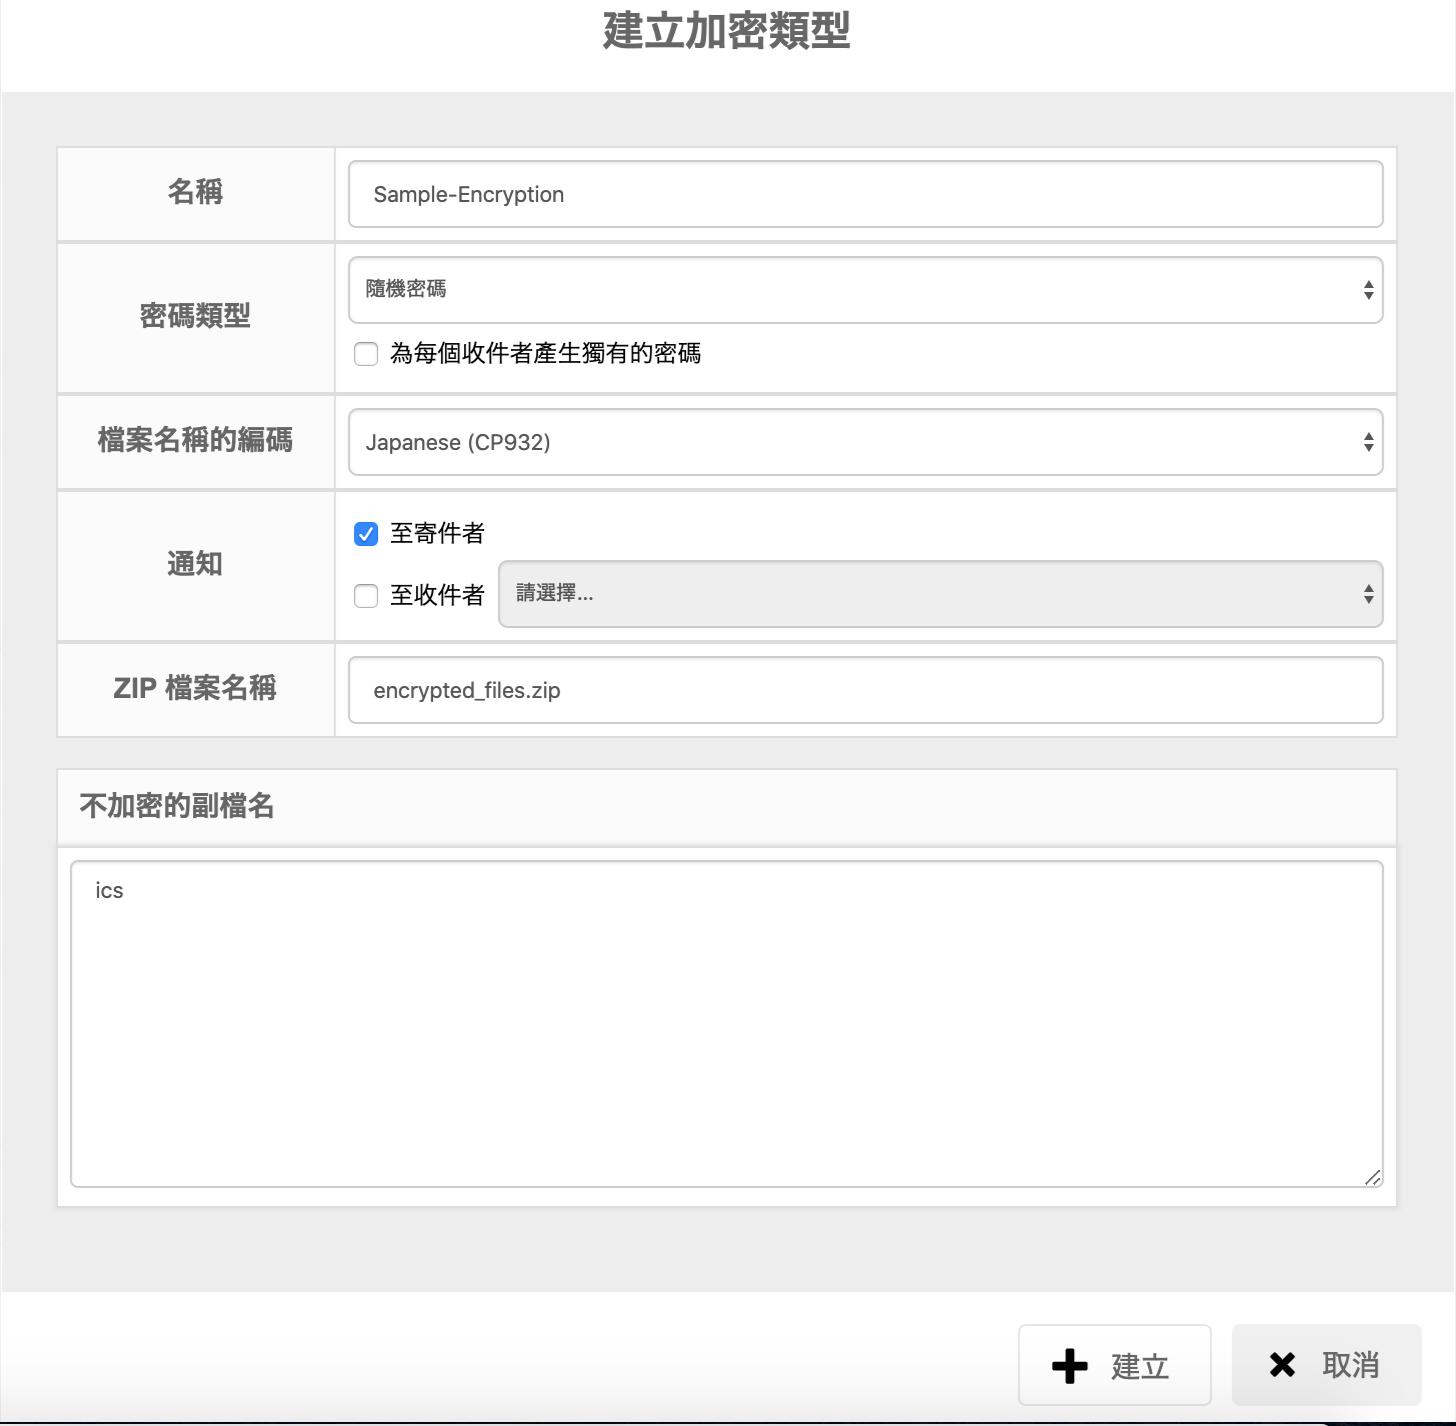 Screen_Shot_2020-04-01_at_16.37.54.png